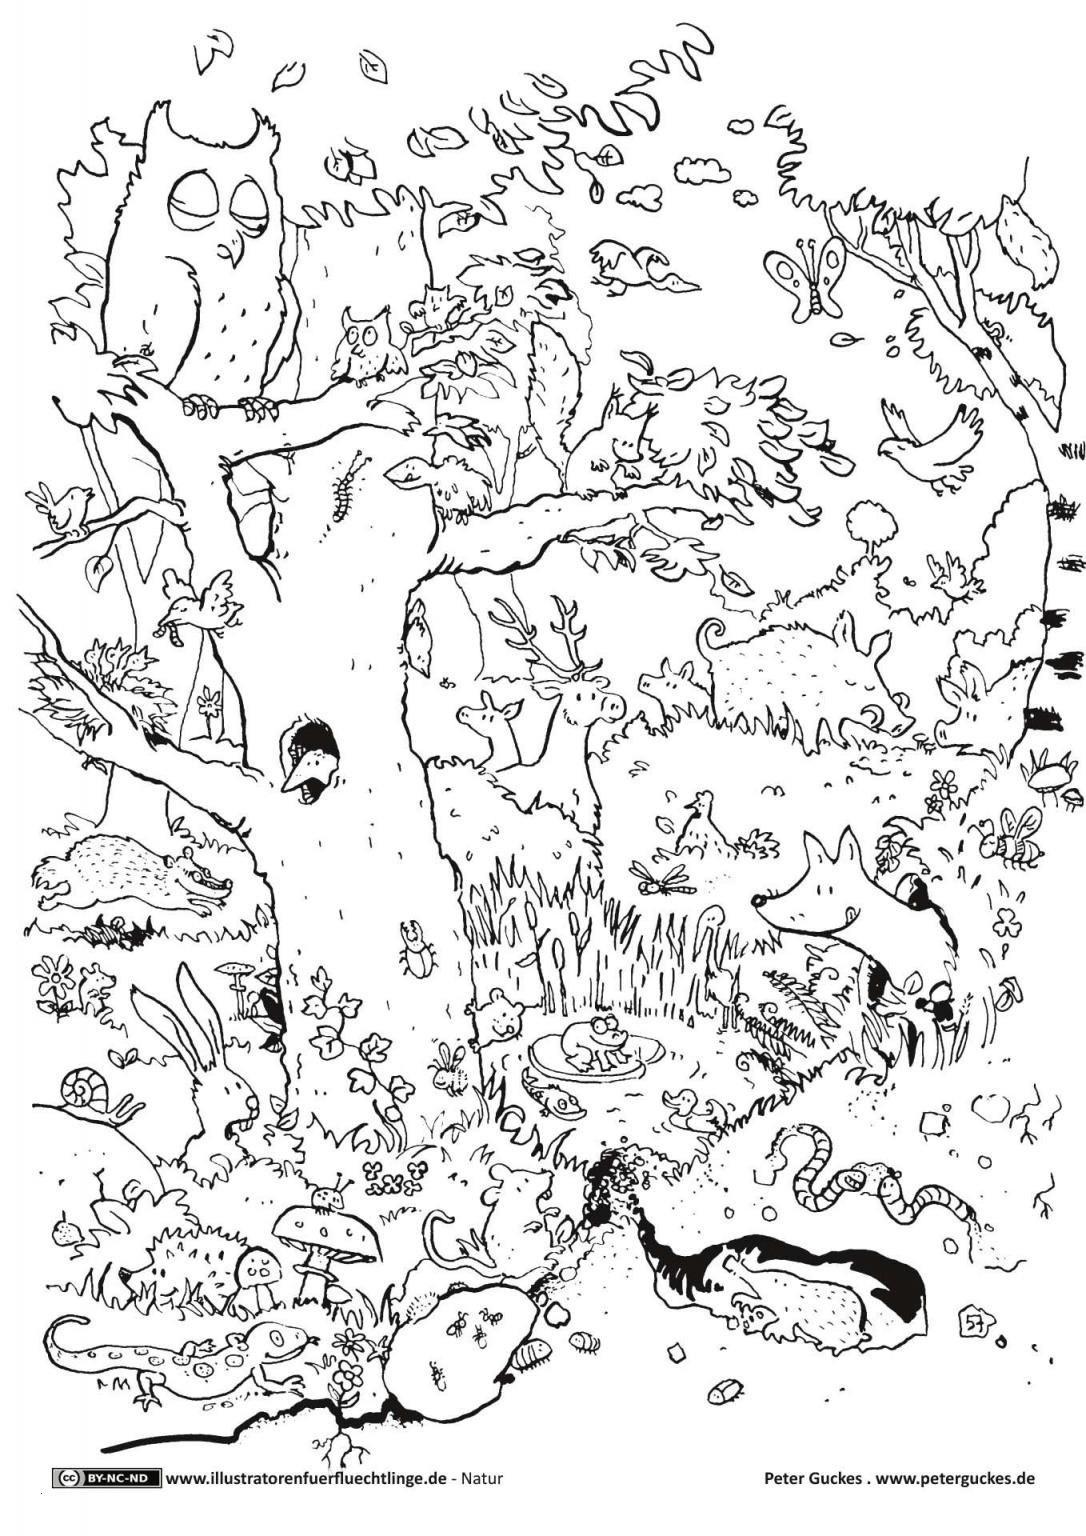 Ausmalbild Winnie Pooh Neu Scoredatscore Beste Malvorlagen Sammlung Genial Ausmalbilder Winnie Stock